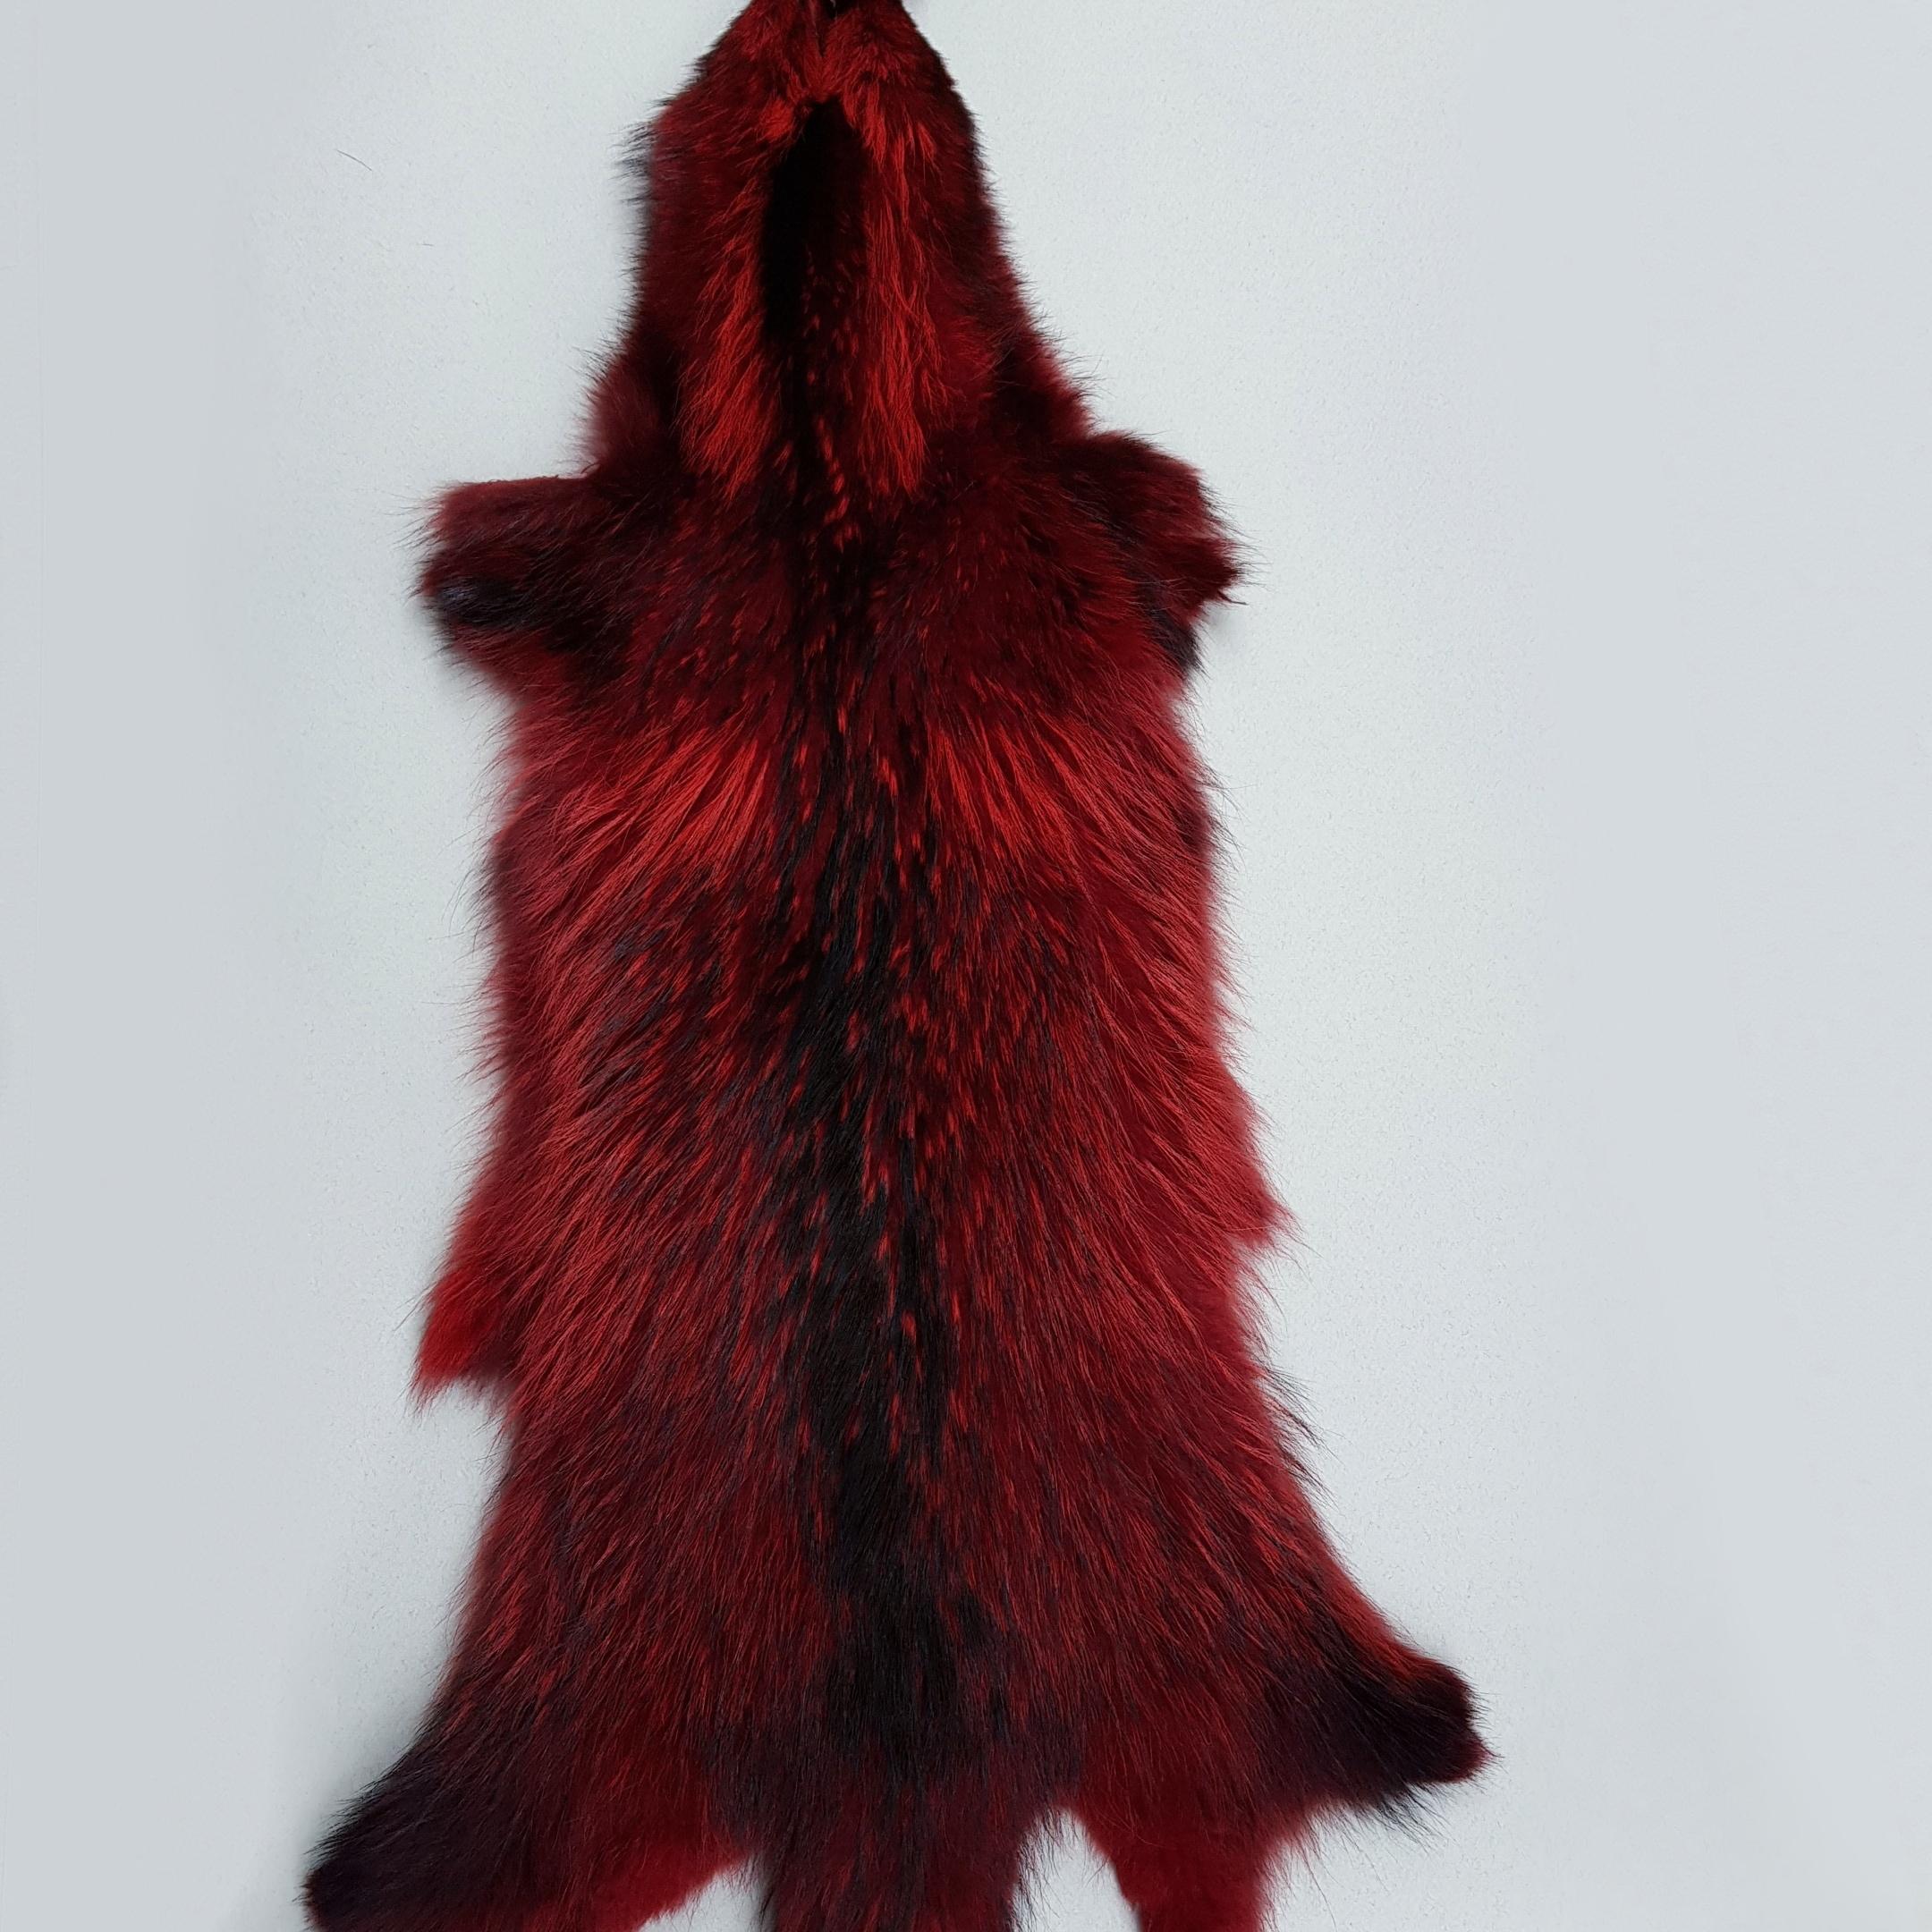 Енотовидная собака красная